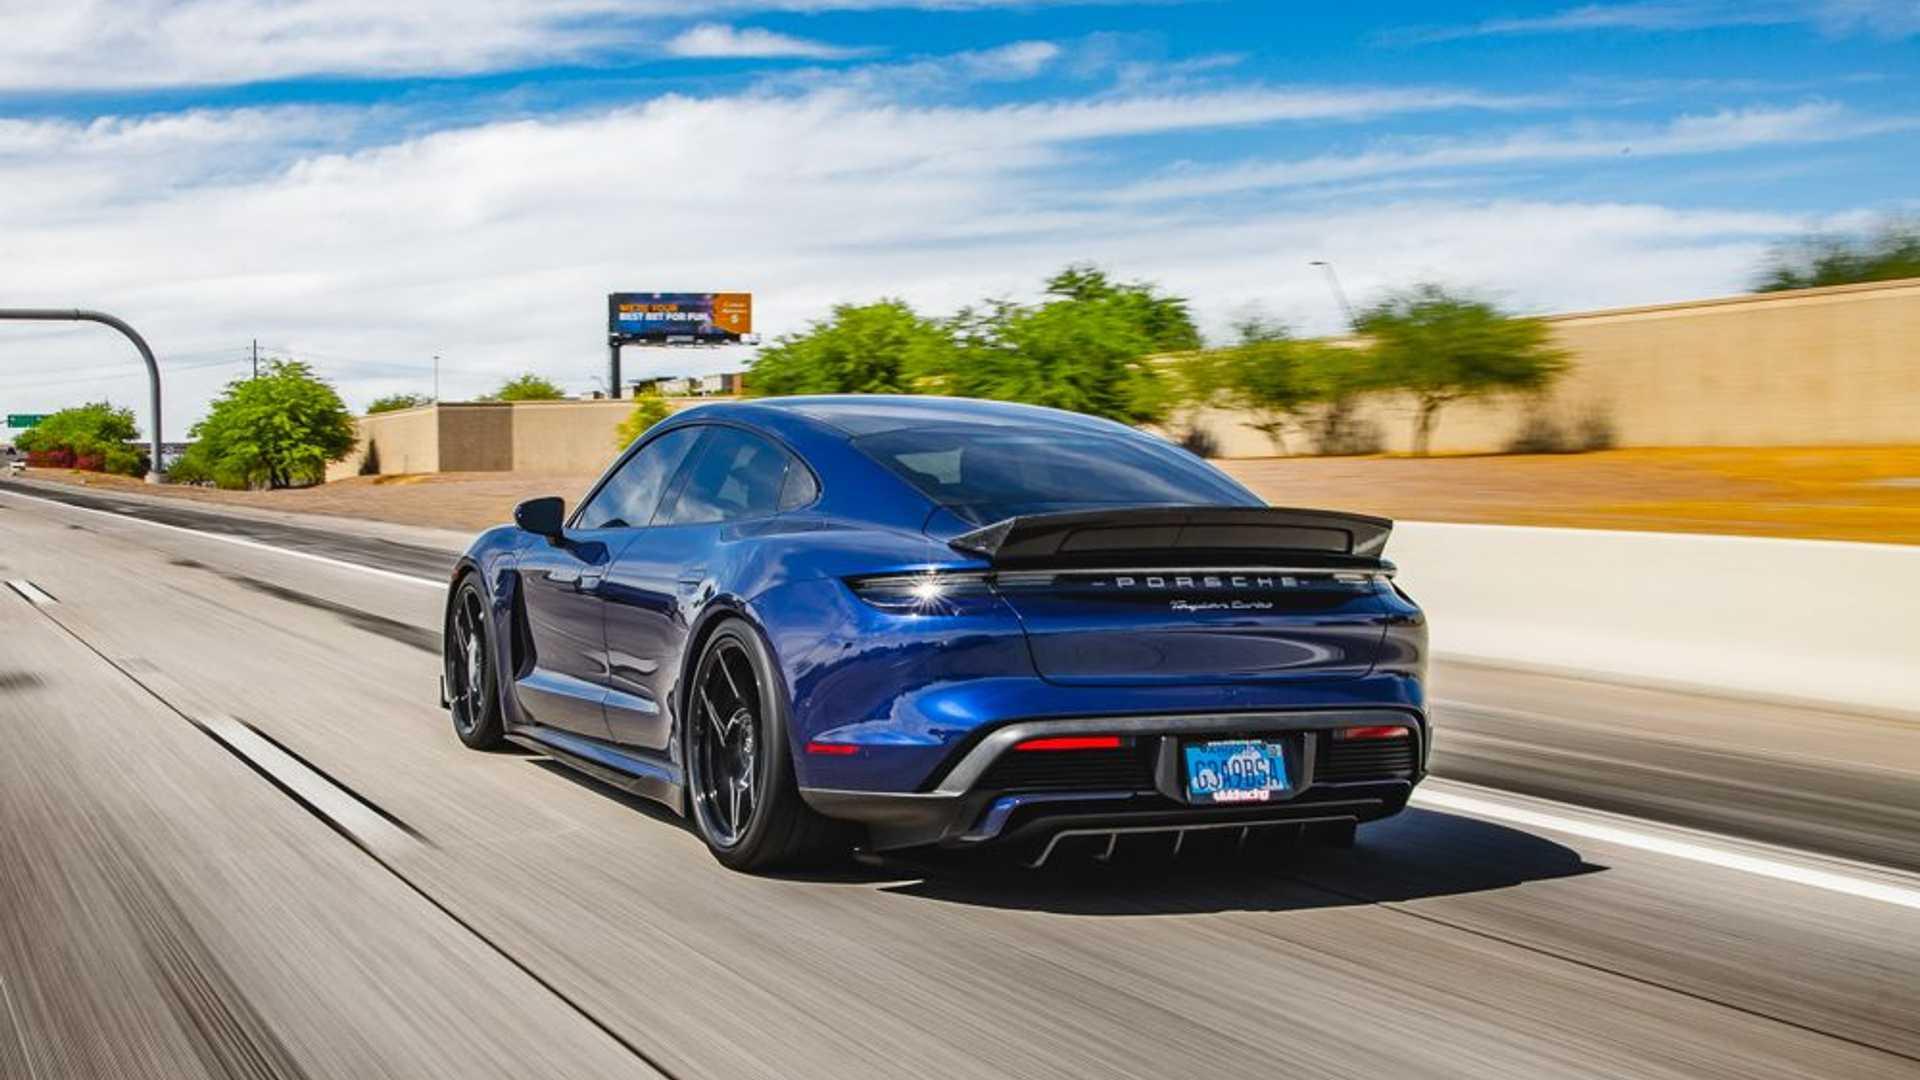 Porsche-Taycan-by-Vivid-Racing-28